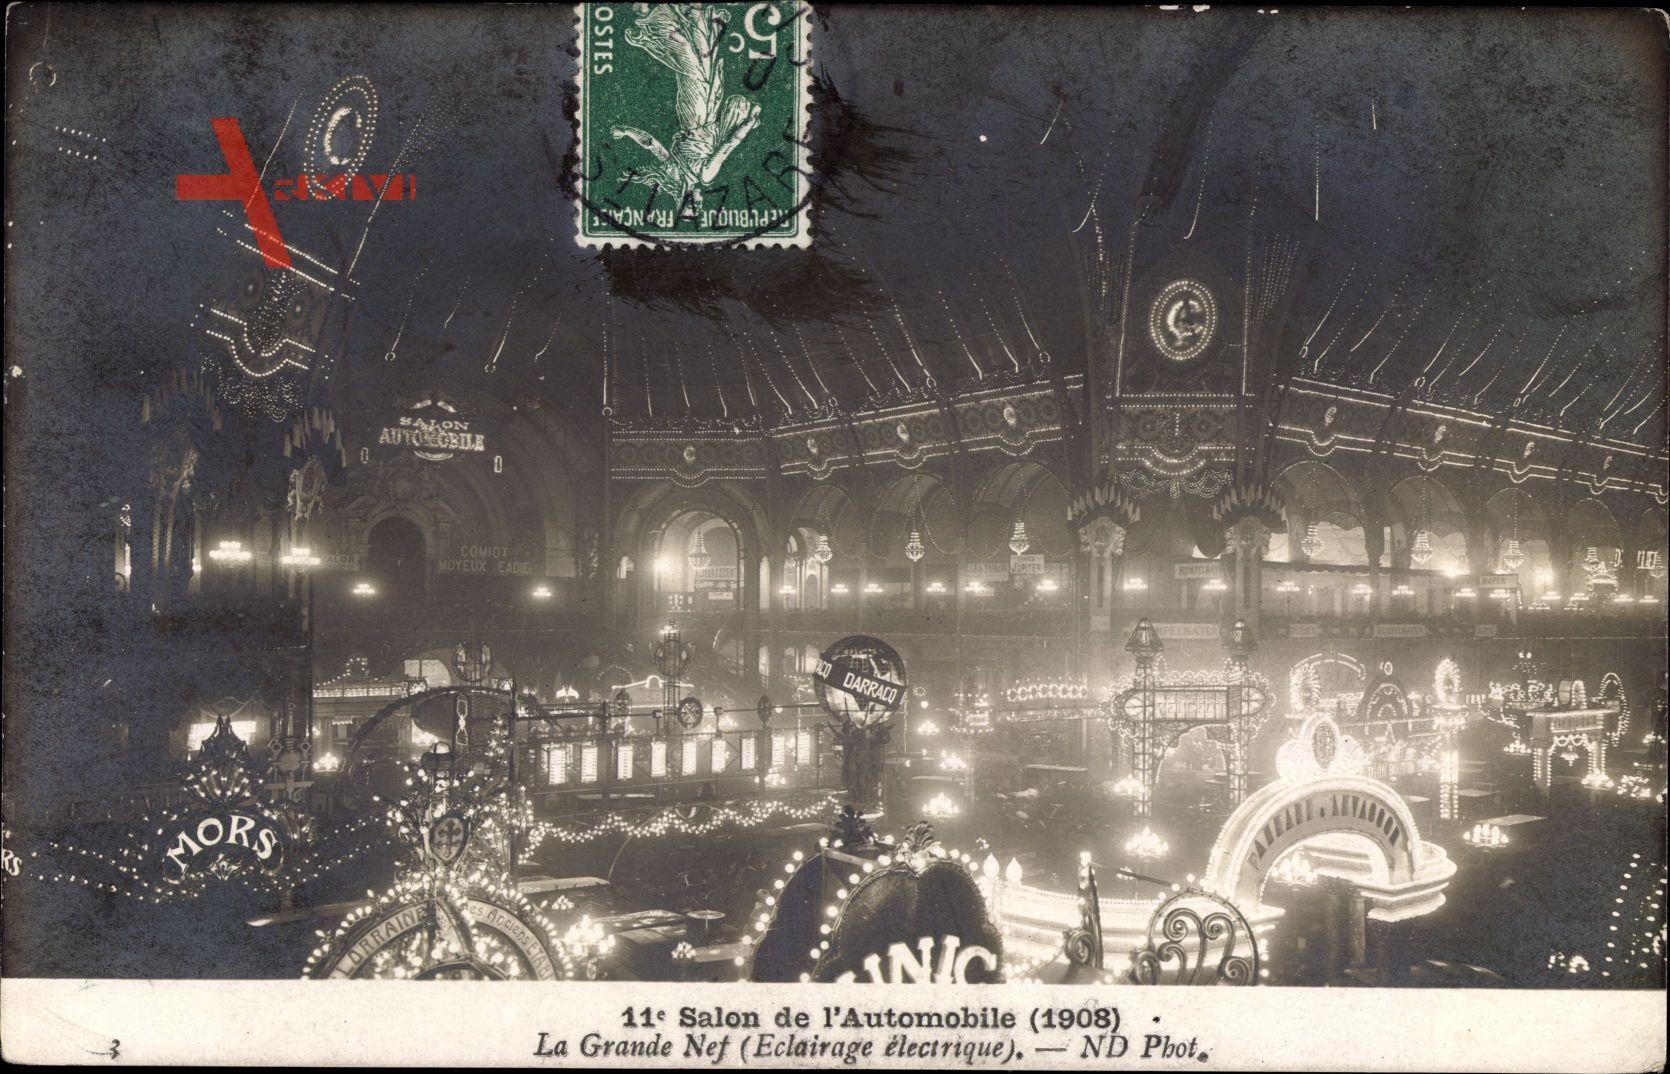 Salon de lAutomobile, 1908, Grande Nef, Eclairage électrique,Autoausstellung